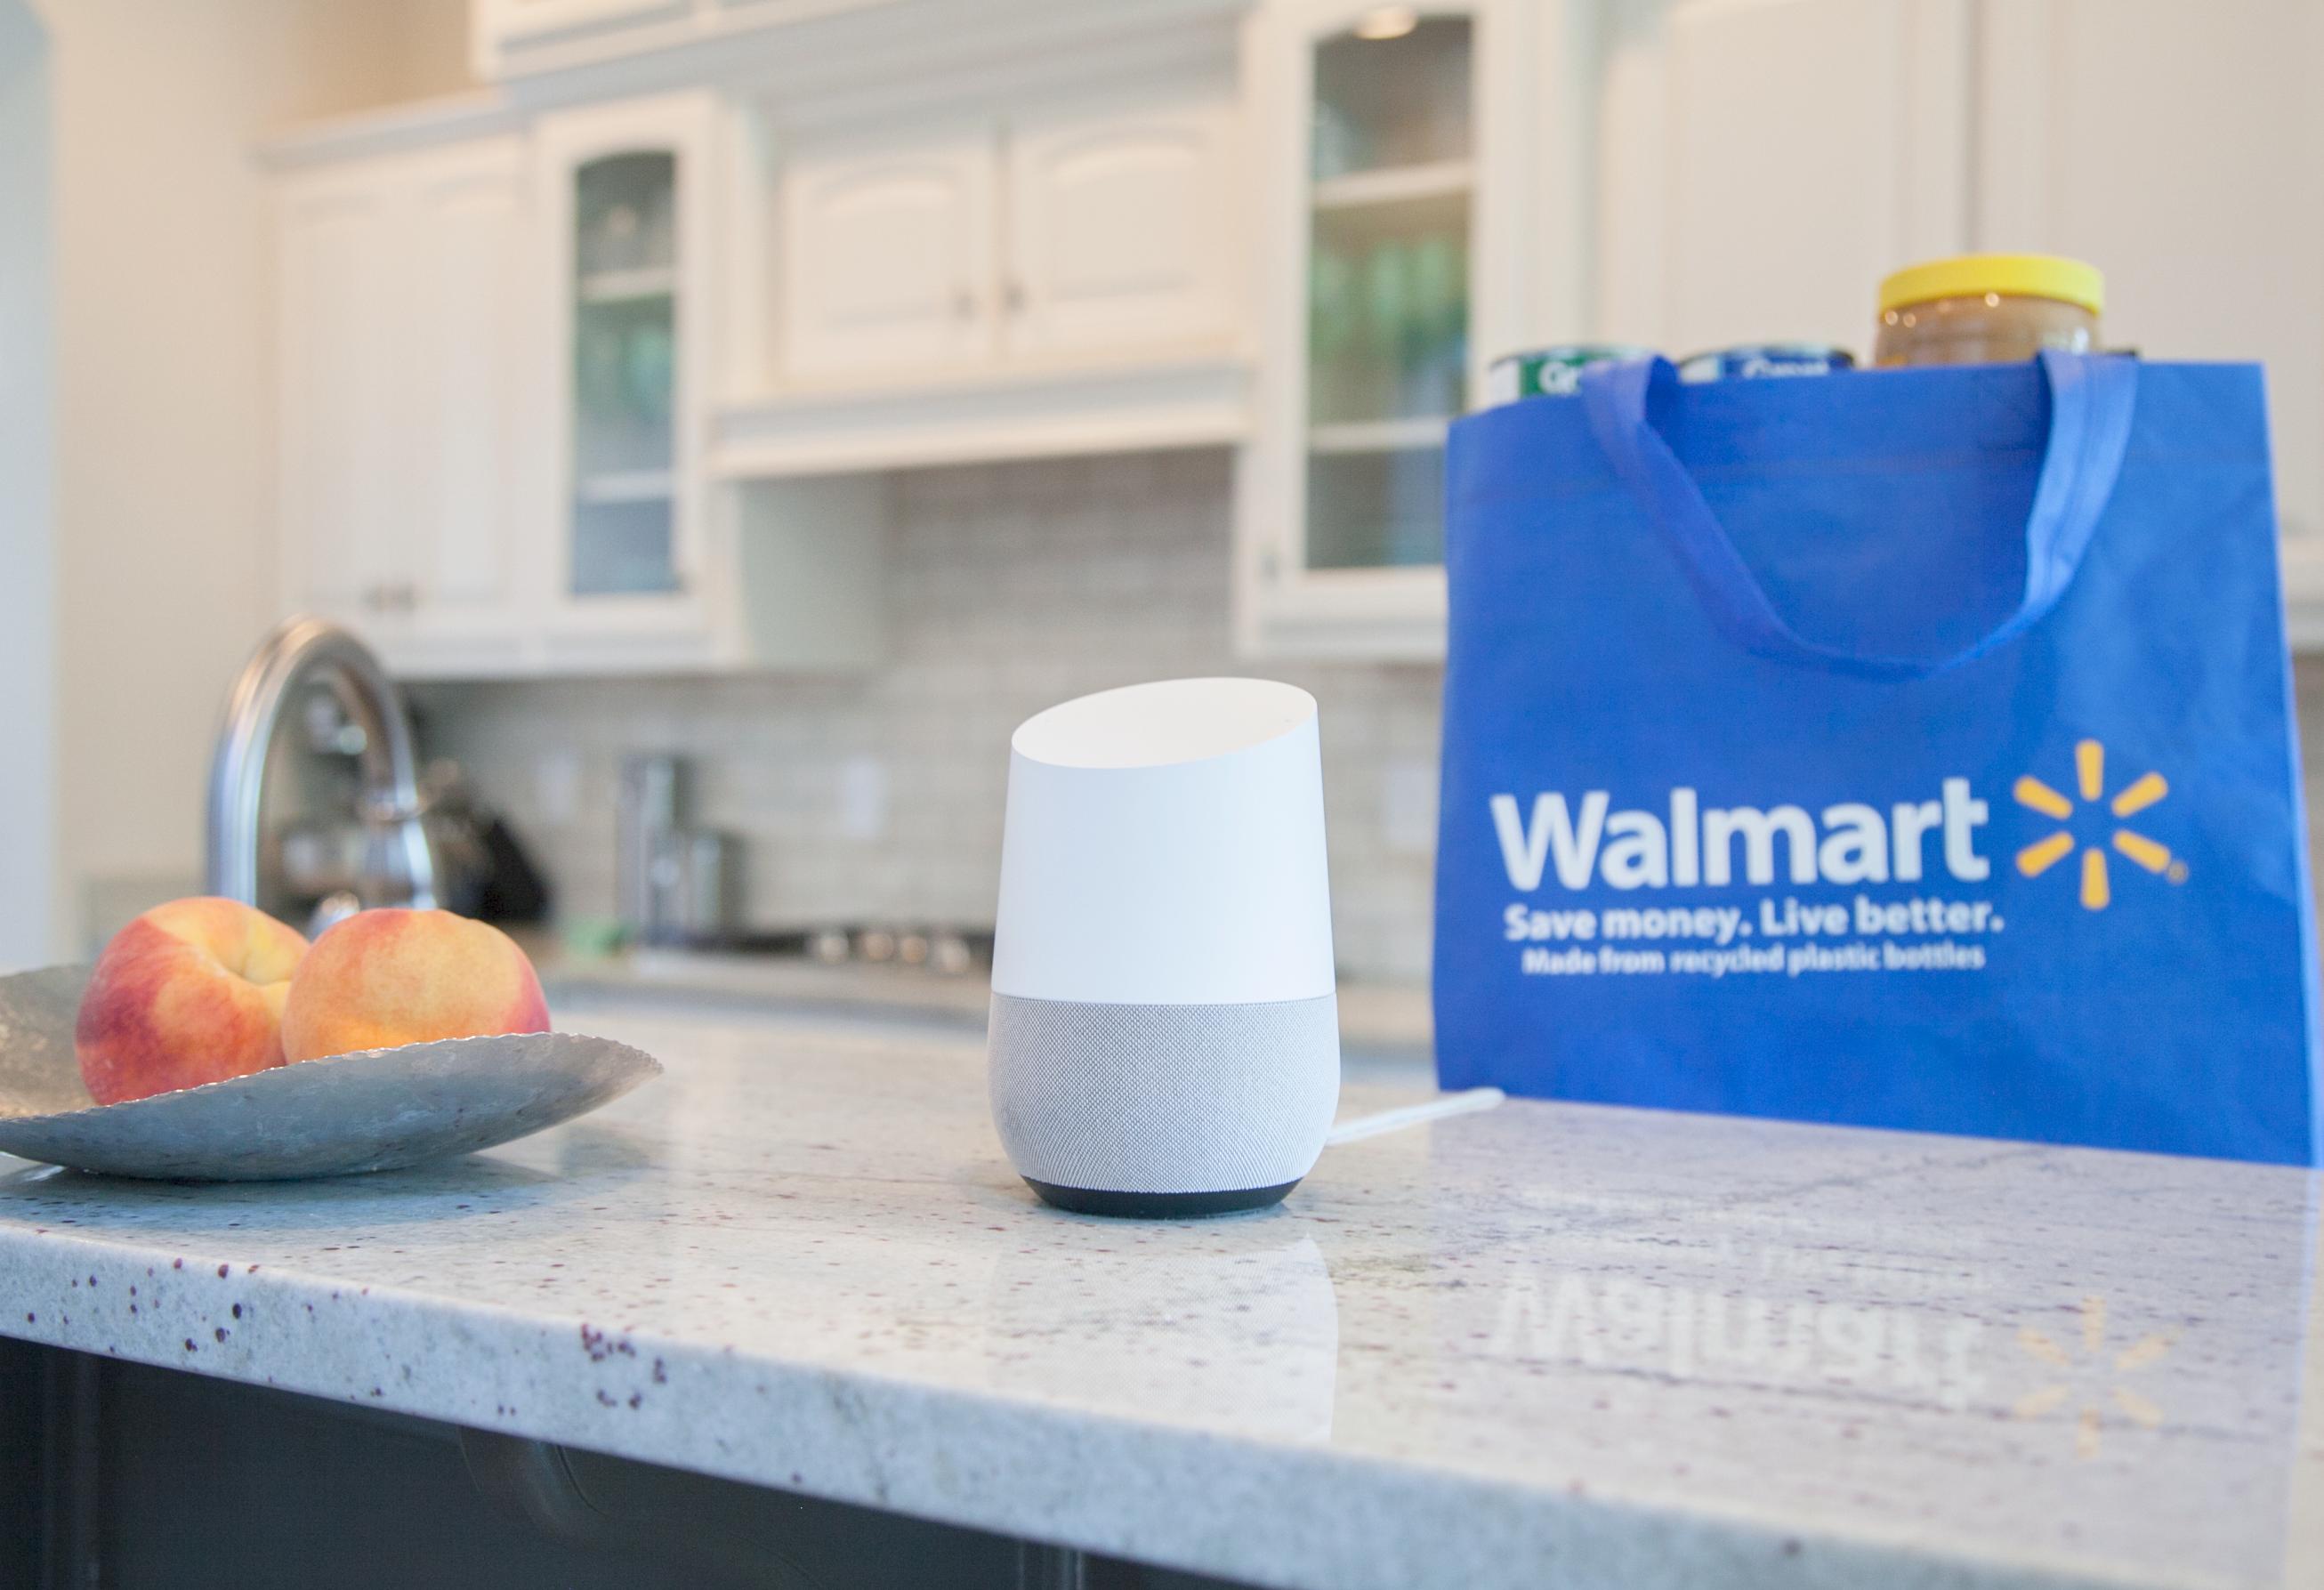 Shopping vocale per la GDO: annunciata la partnership Google-Walmart